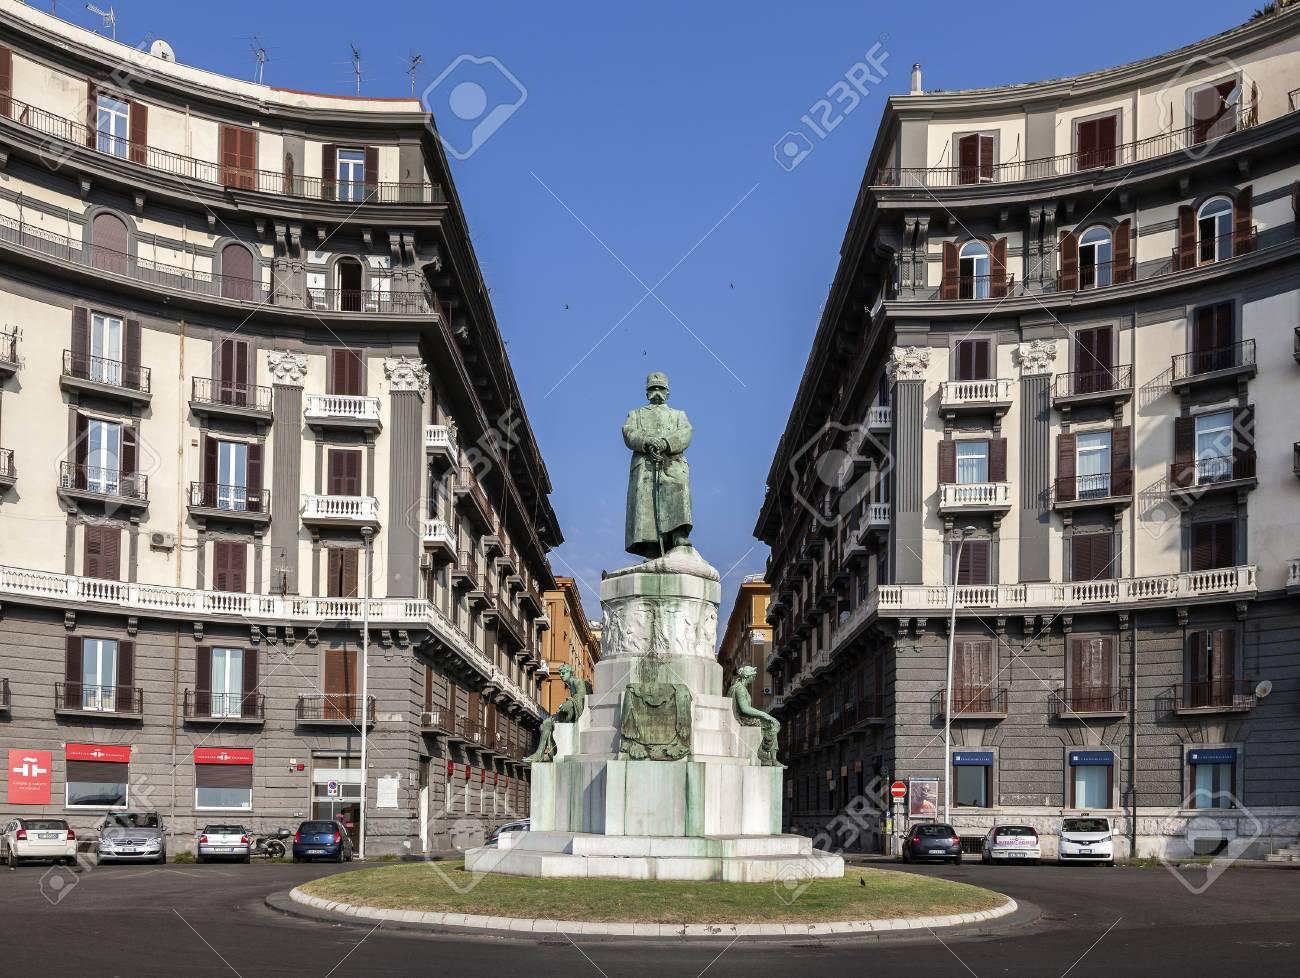 ウンベルト 1 世の像ナポリ、イタリアの私。良い, の愛称は「か ...